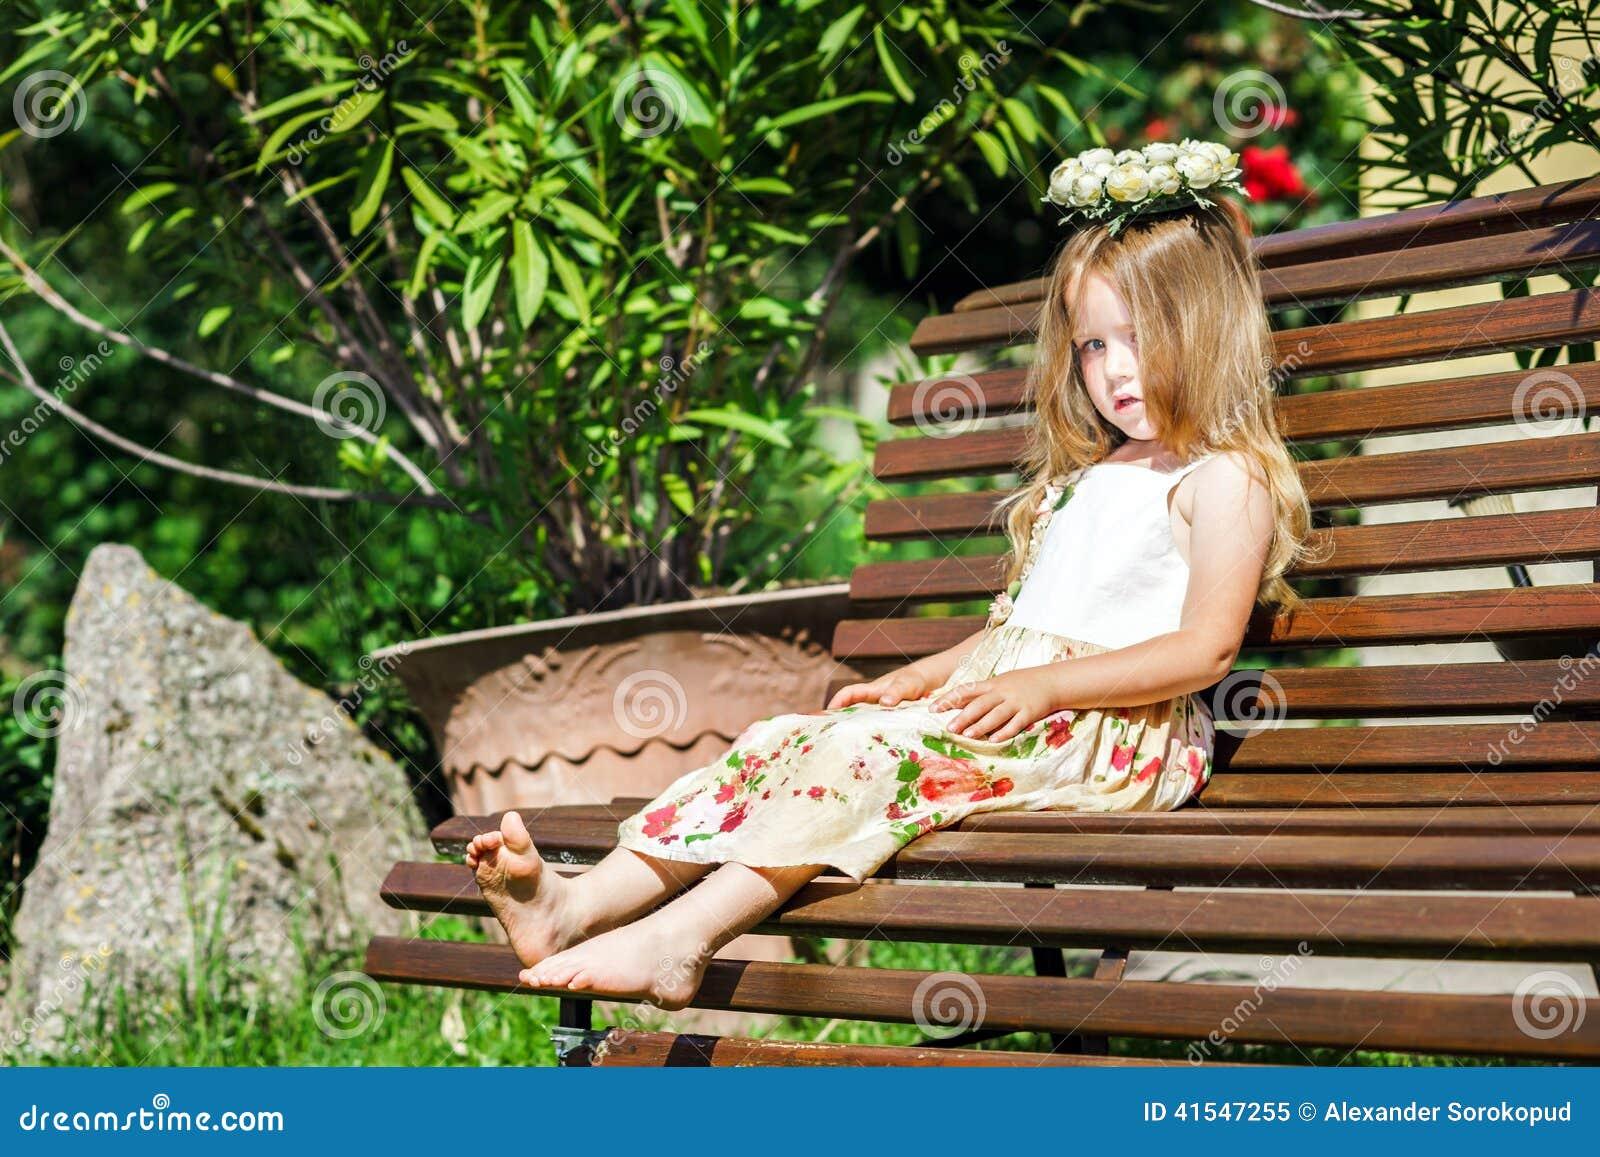 3 Foot Bench Outdoor